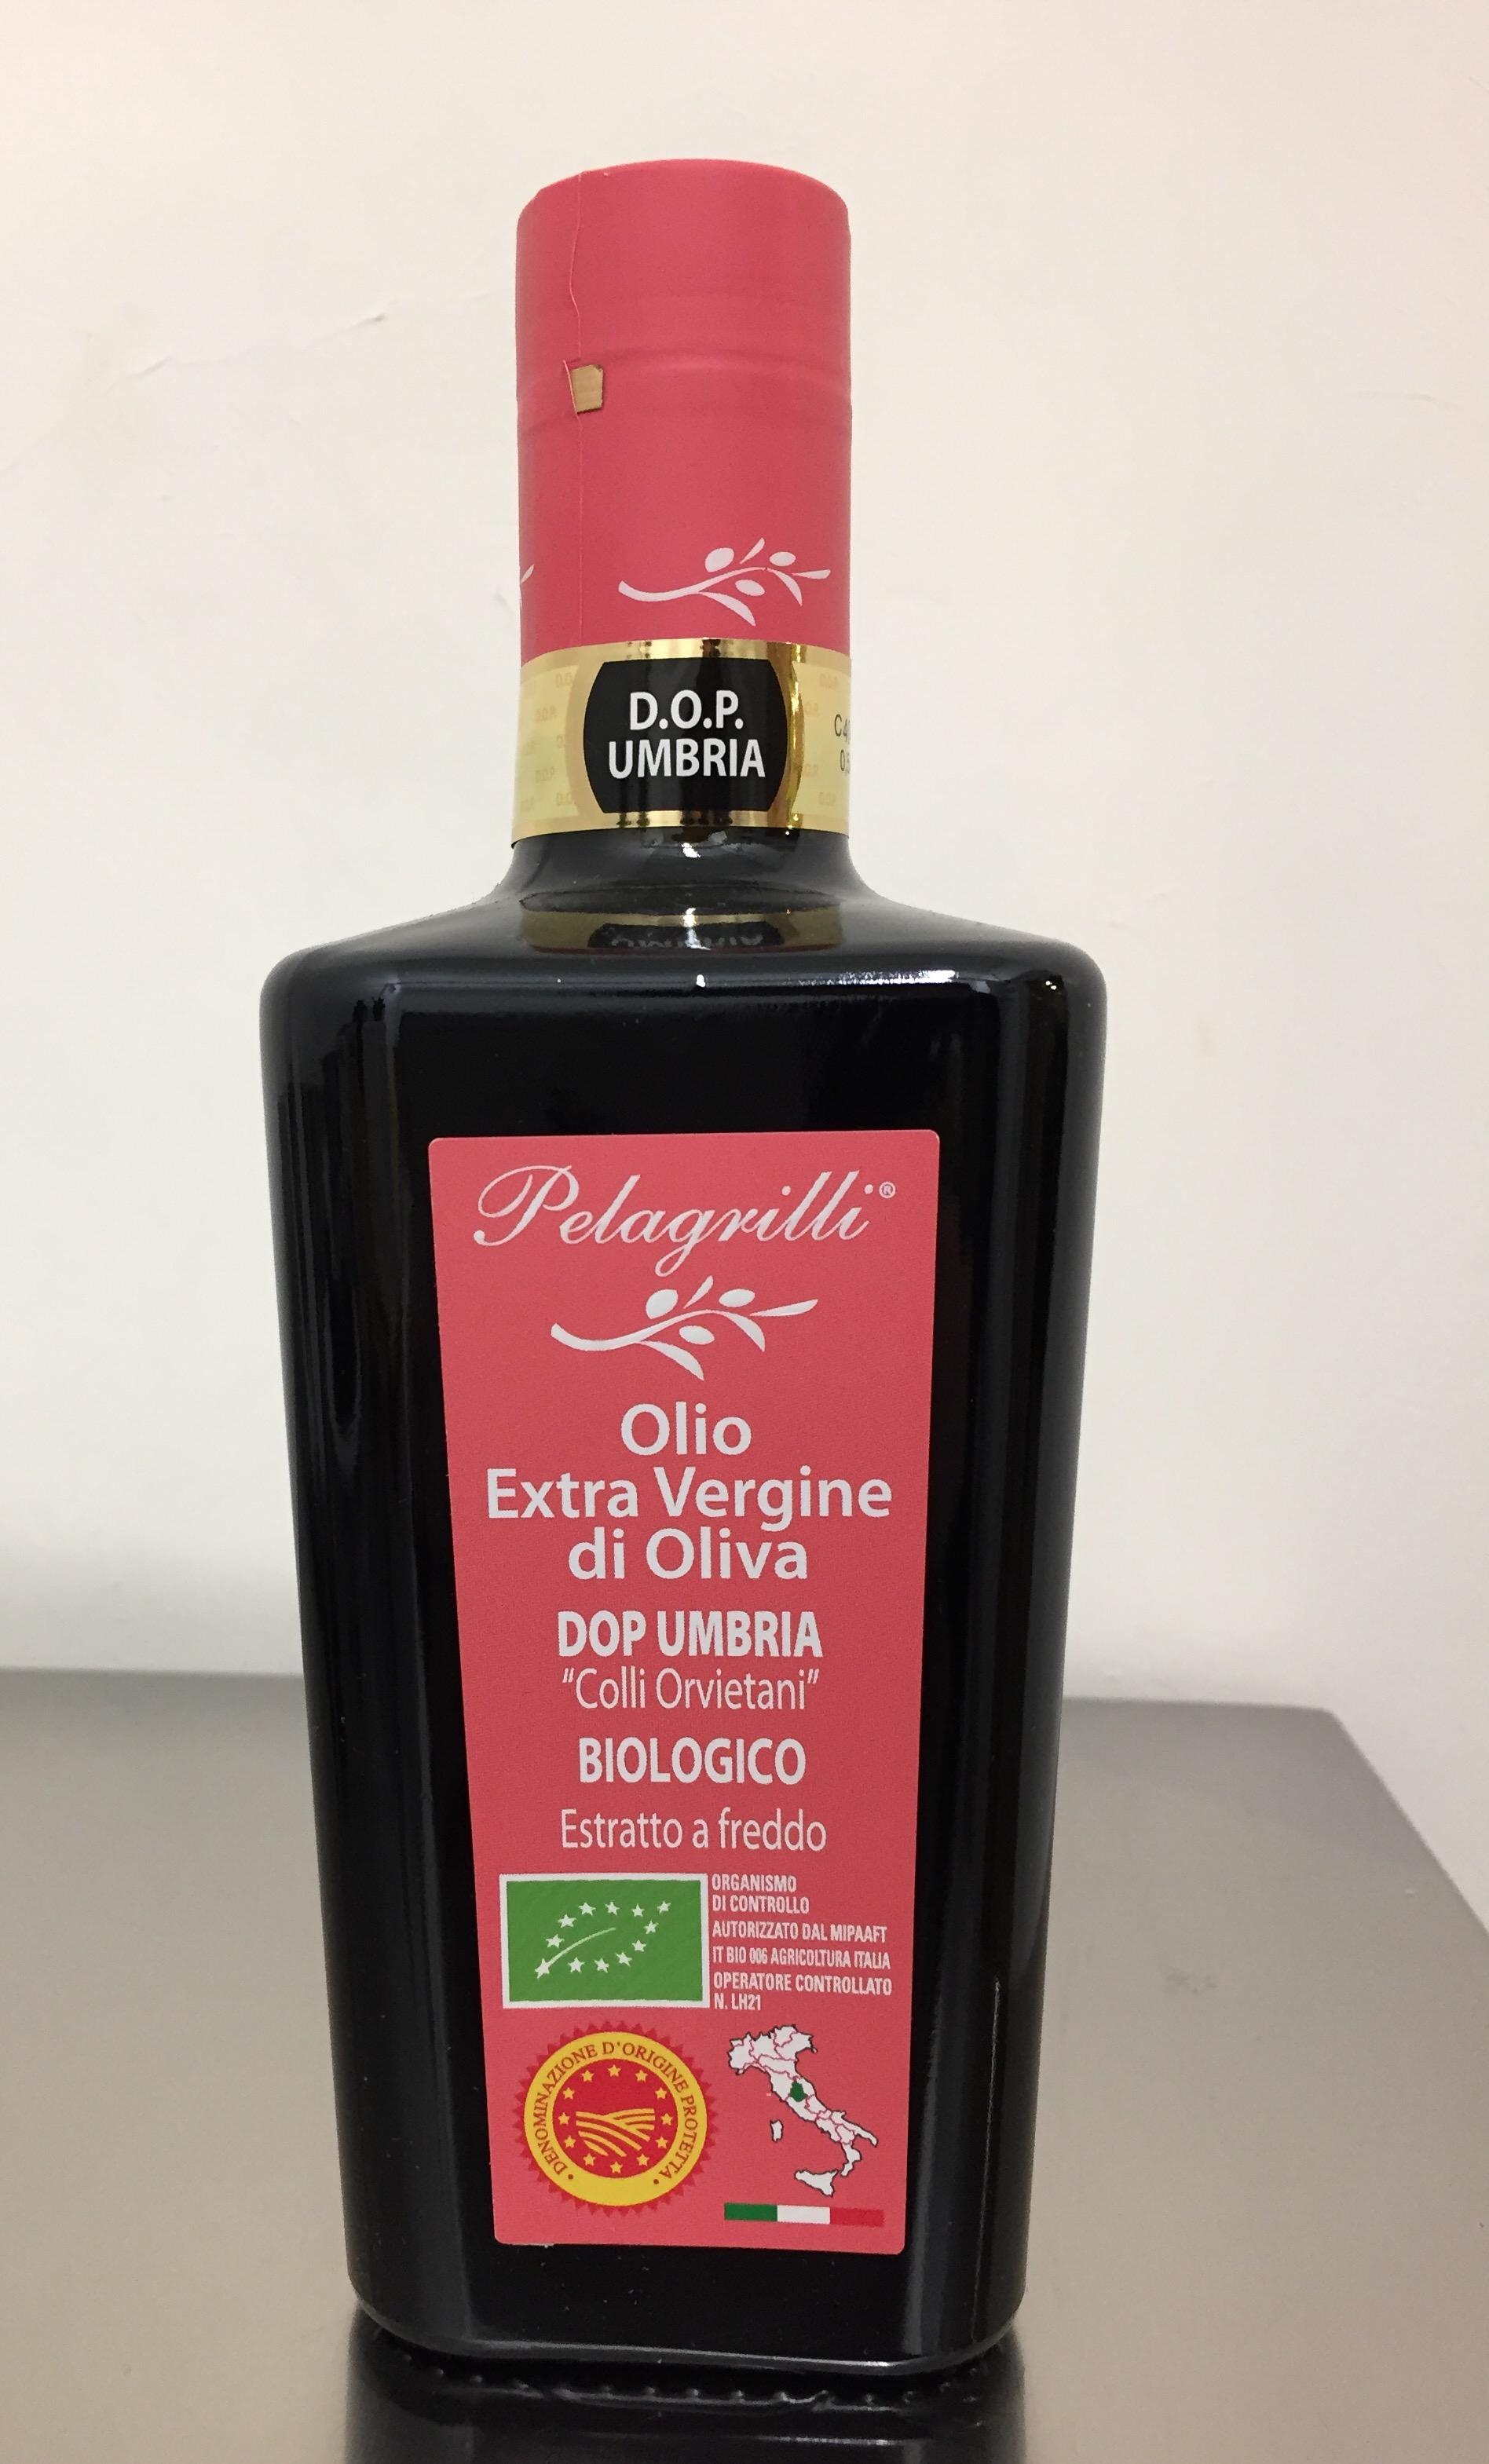 DOP UMBRIA Colli Orvietani BIOLOGICO Nuovo Raccolto 2019-2020 olio extra vergine di oliva Italiano estratto a freddo lt. 0,5